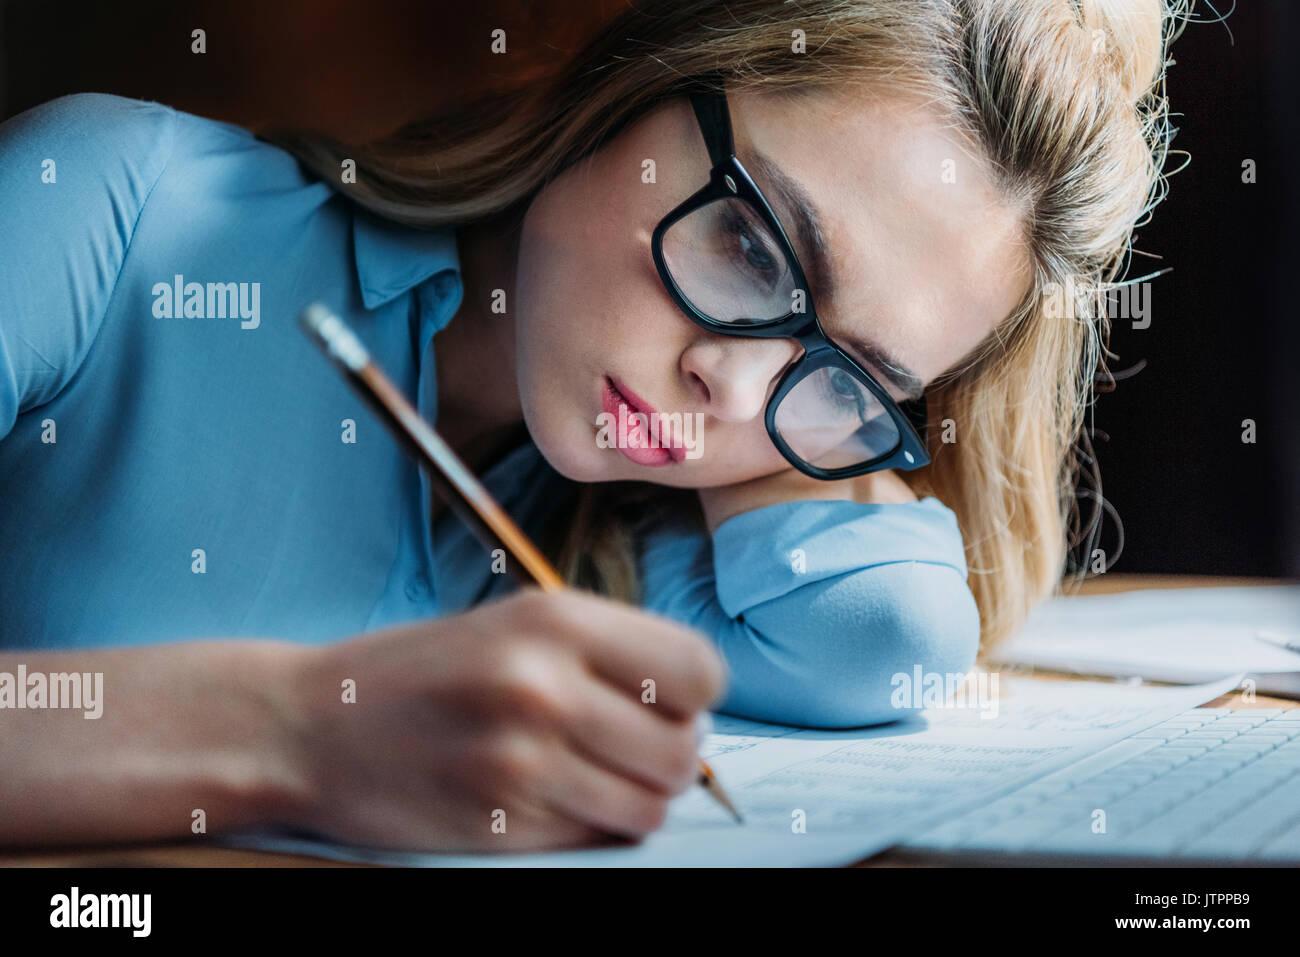 Cansado caucásica rubia estudiante en los anteojos de sol tumbado en la mano y escribir algo con lápiz, estudiando hasta tarde Imagen De Stock